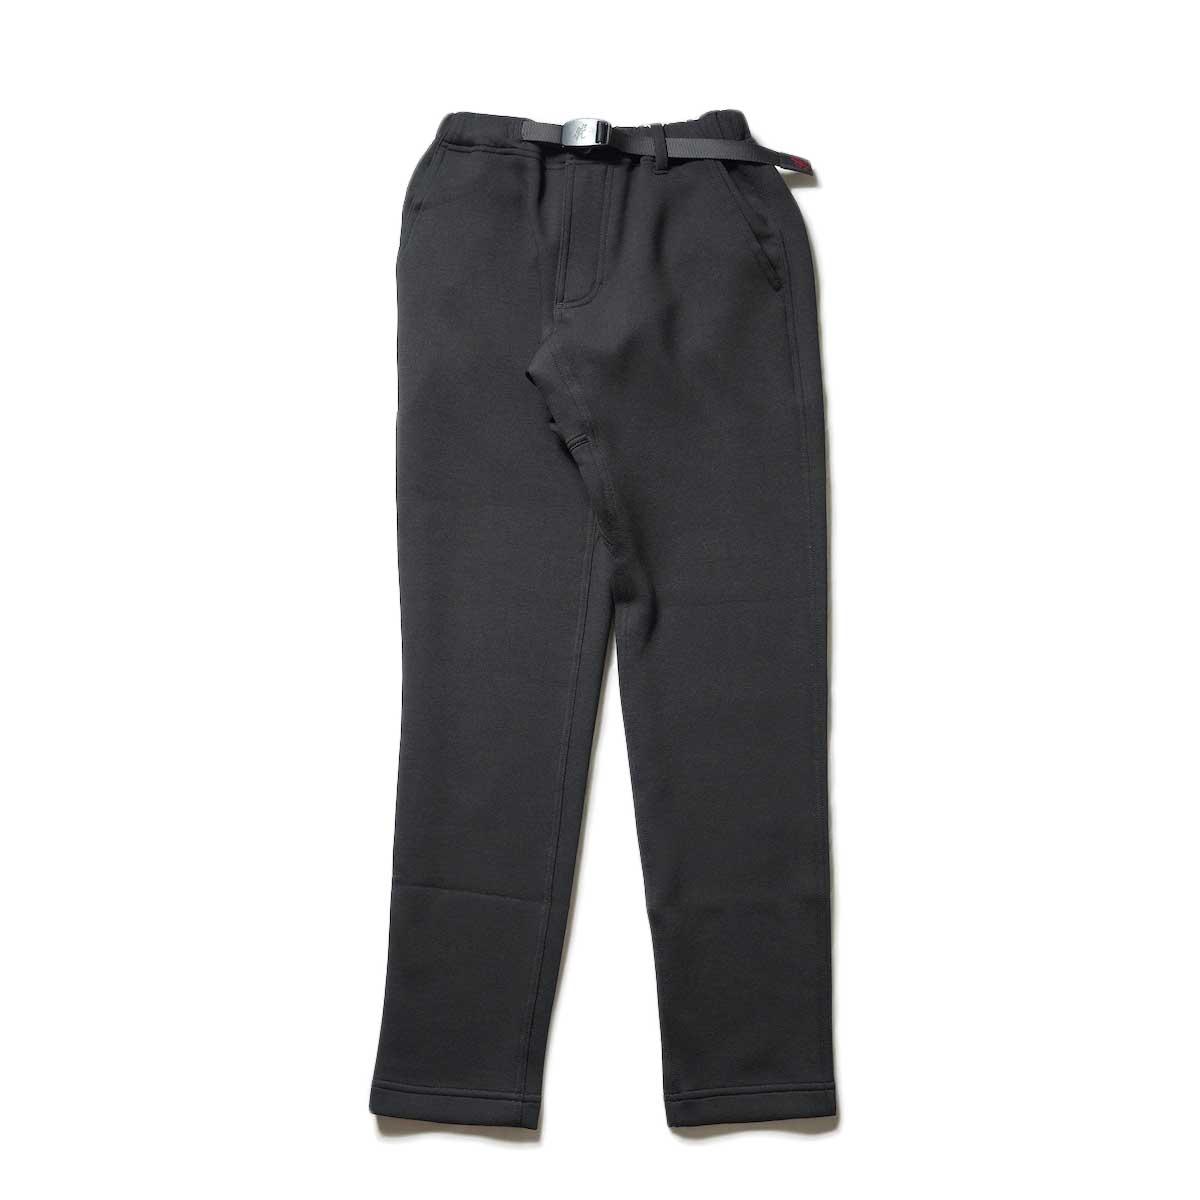 GRAMICCI / TECH KNIT SLIM FIT PANTS (Black)